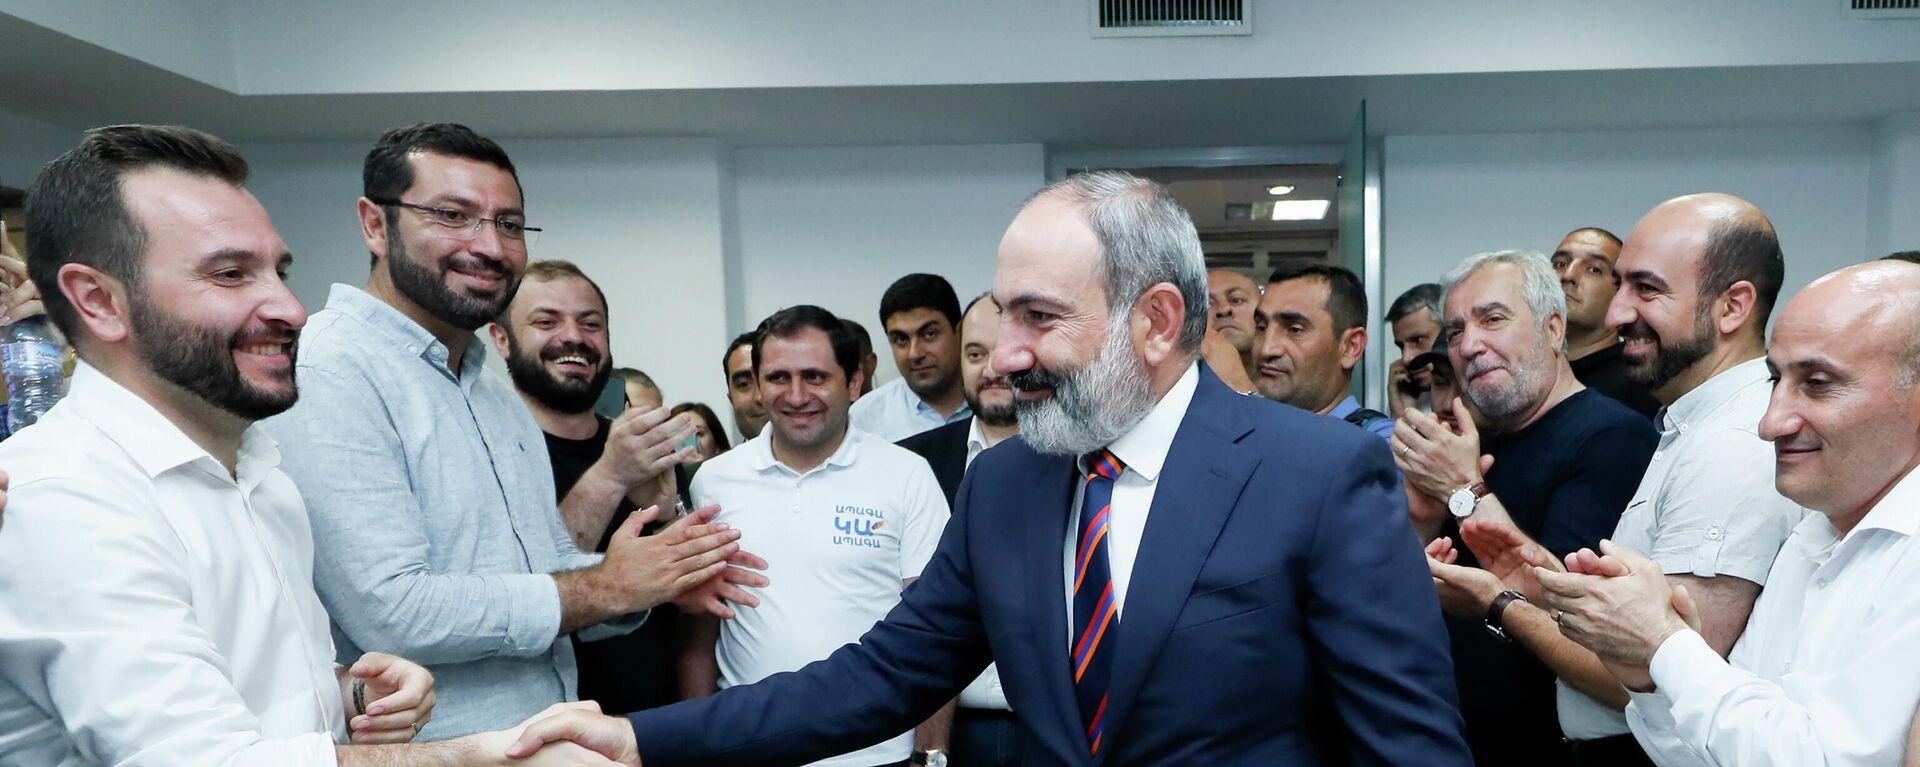 Armeniens Regierungschef NIkoö Paschinjan mit seinen Parteikollegen nach den Parlamentswahl - SNA, 1920, 21.06.2021